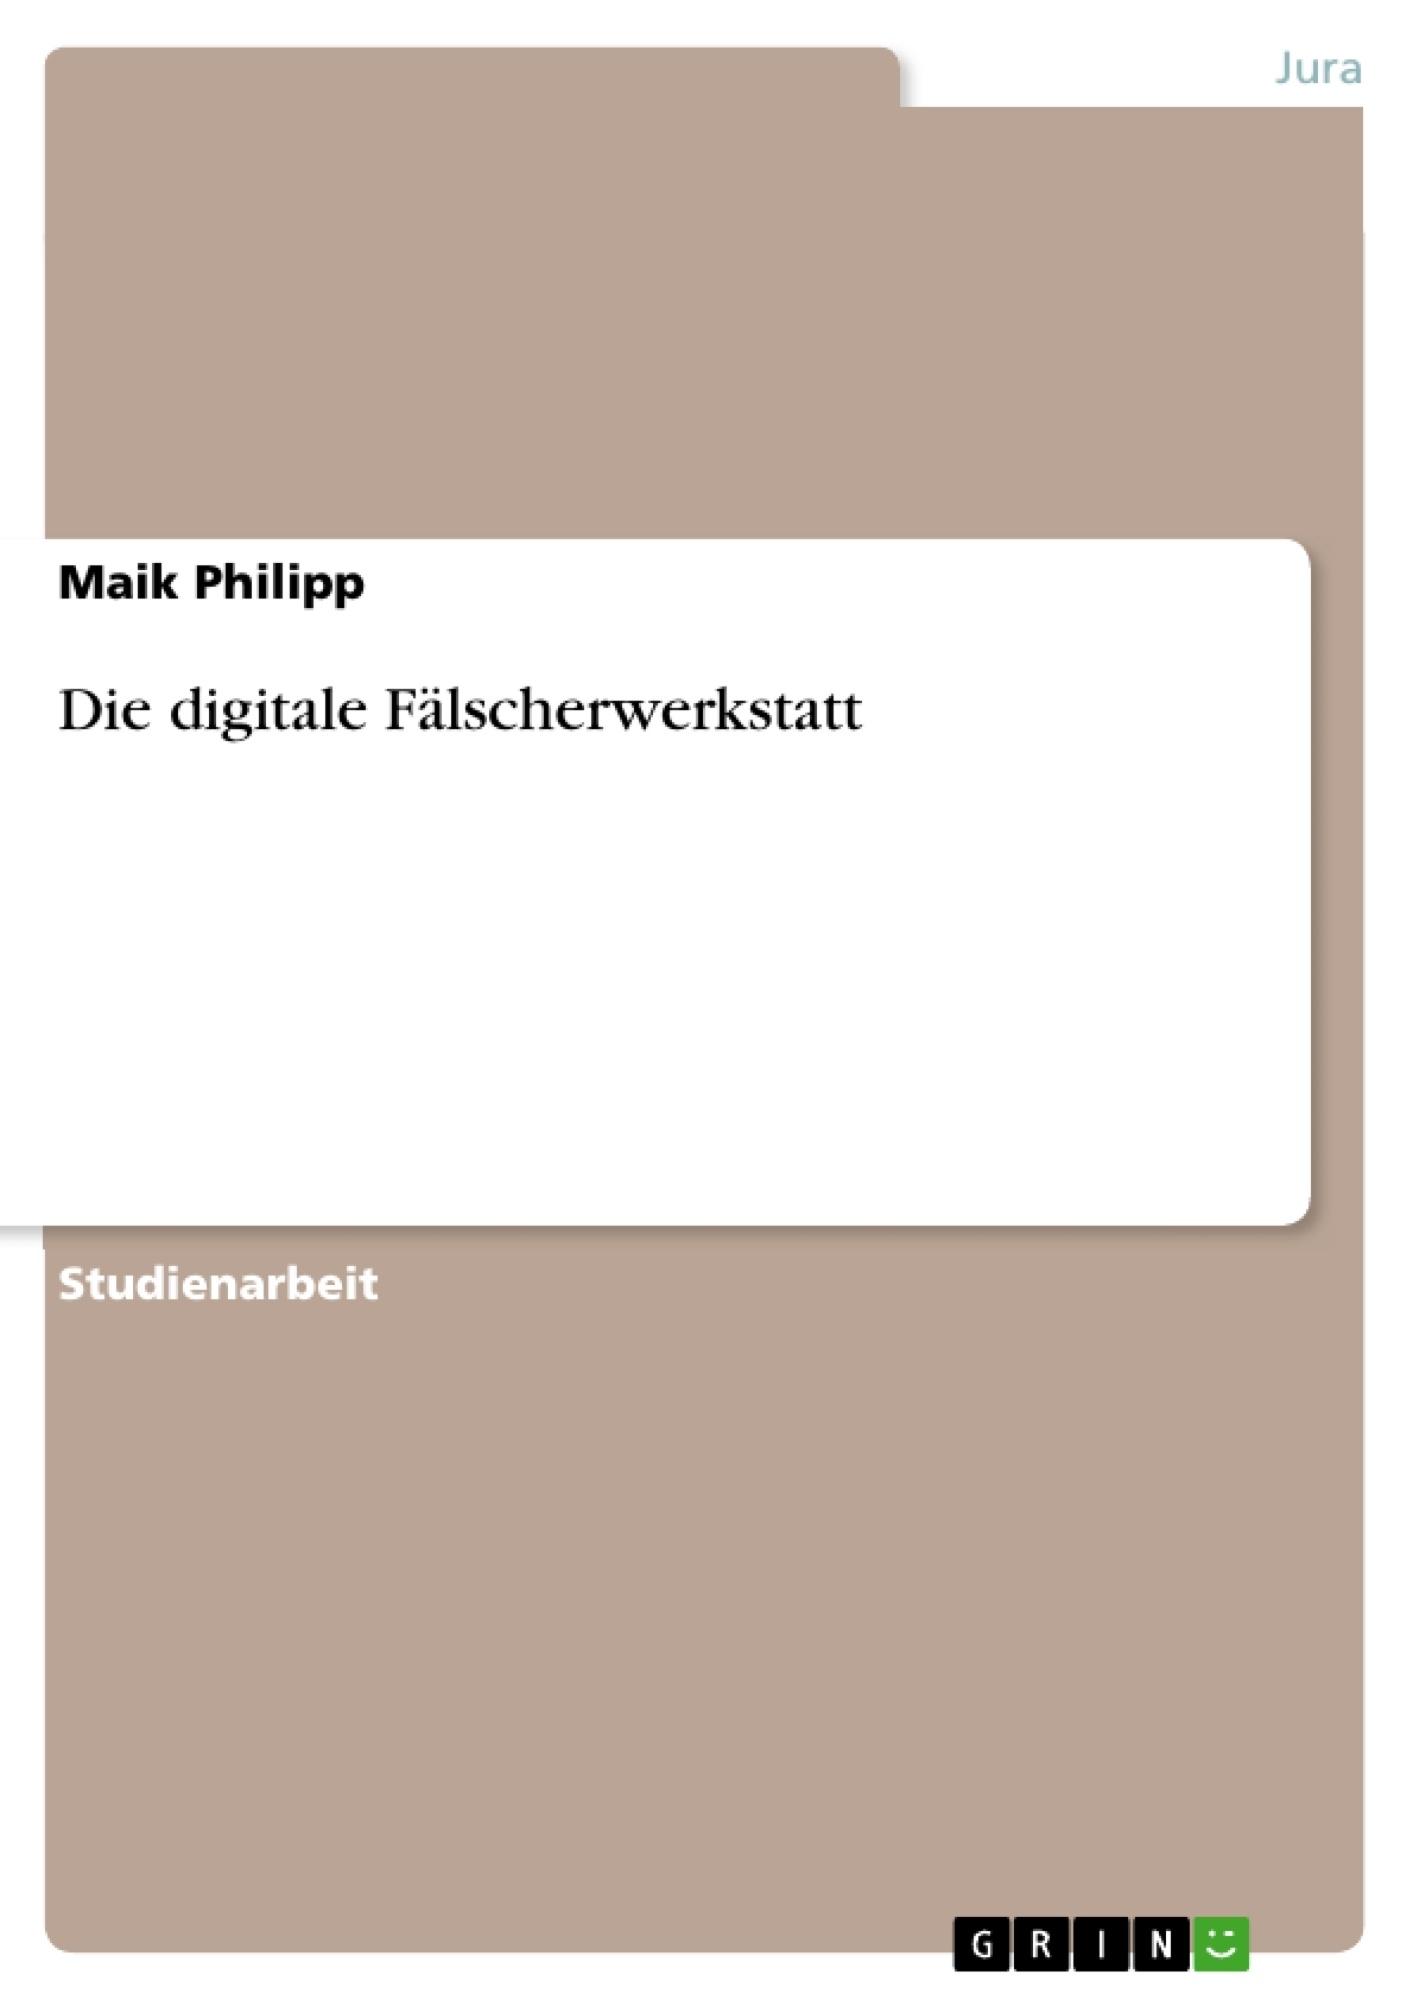 Titel: Die digitale Fälscherwerkstatt